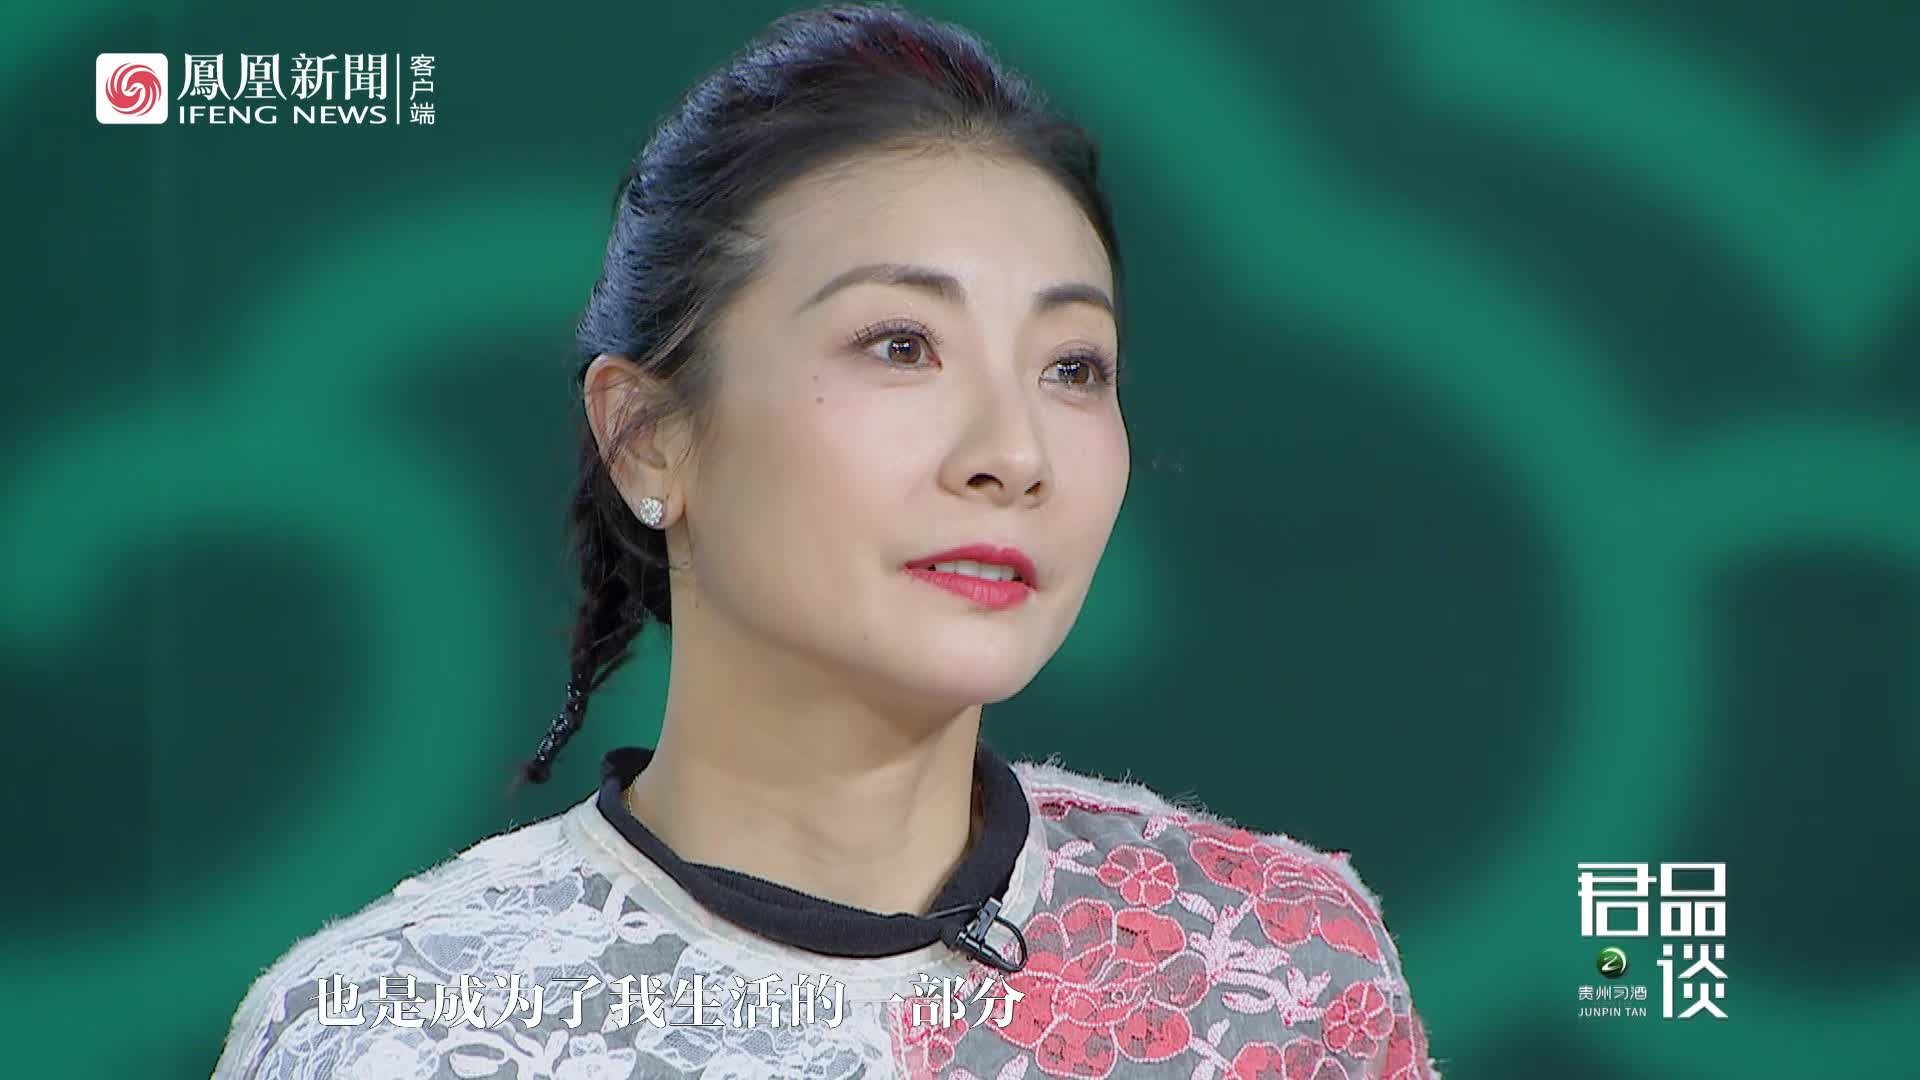 谭元元:连着休息两天是我的极限享受,24年了即便在旅行我也得练舞